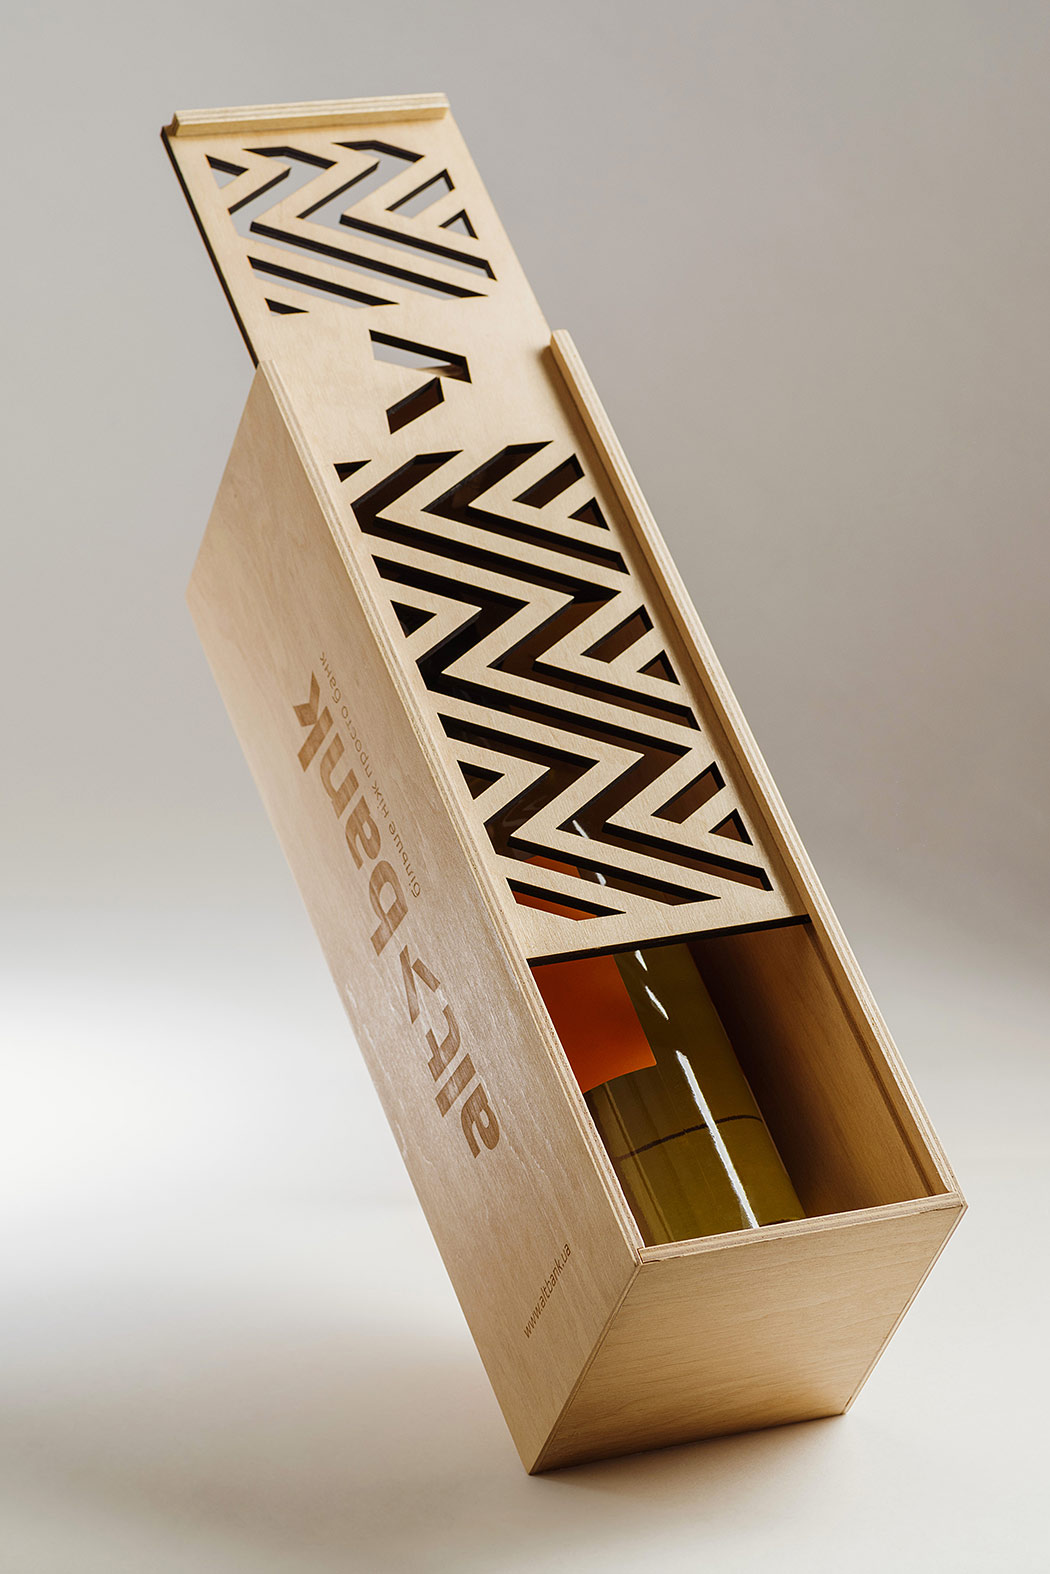 Коробка для вина з фанери з логотипом Altbank. Подарункова упаковка банку Альтбанк.